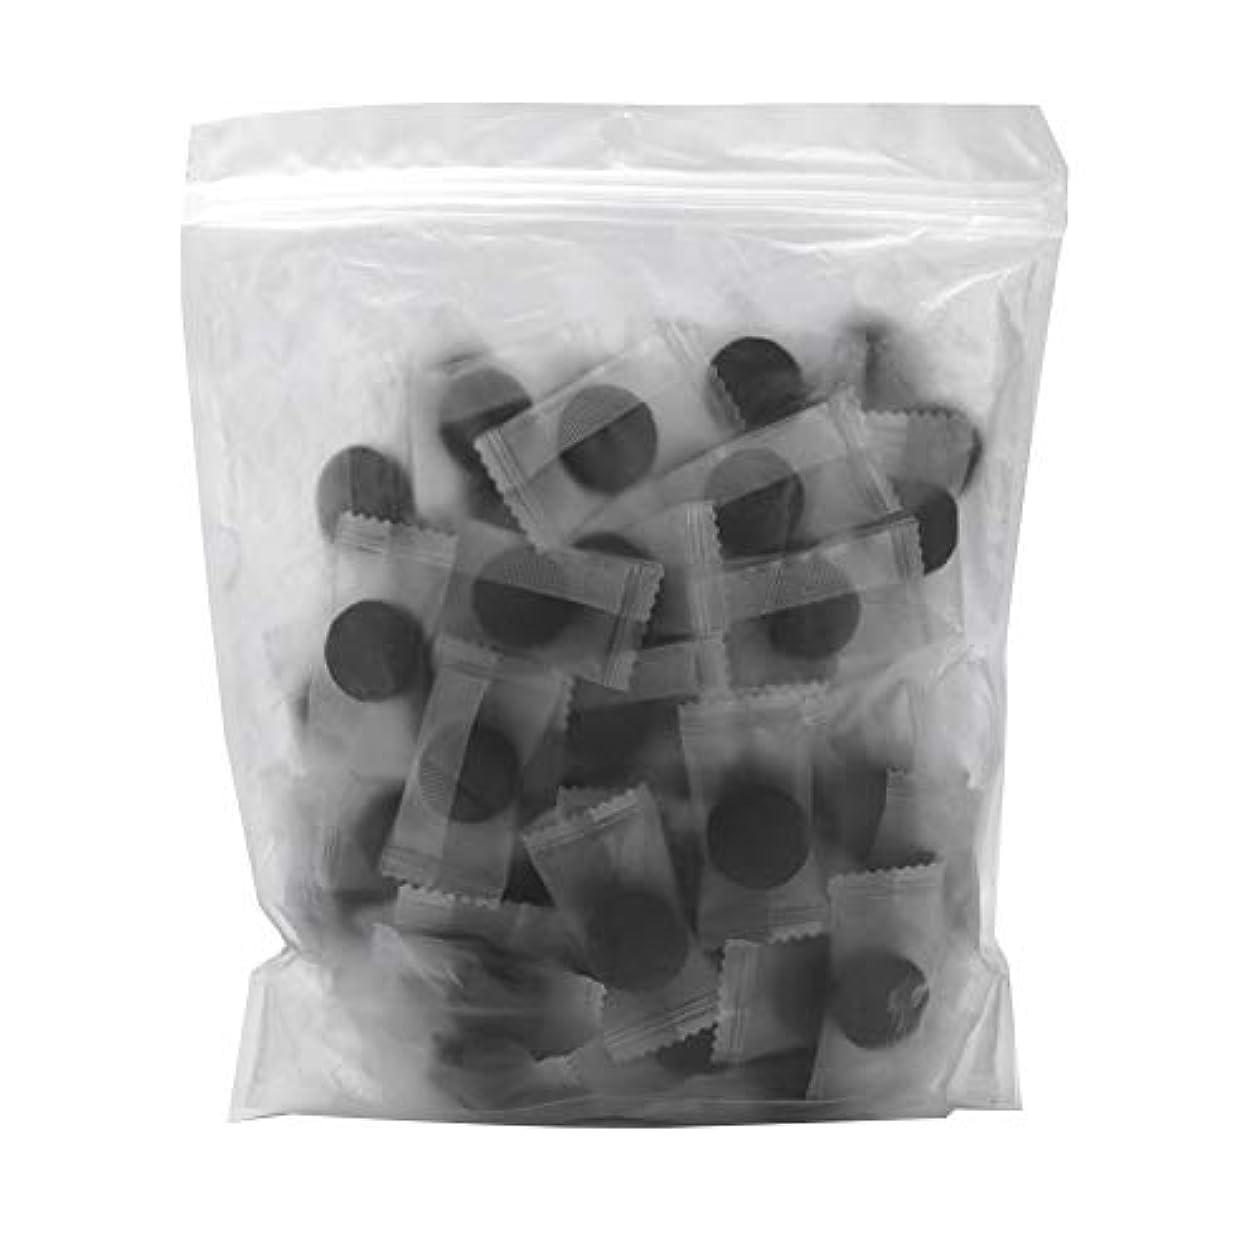 ストロークお別れ毎年竹炭繊維 100ピース 圧縮フェースマスク 紙DIY スキンケア diy フェイシャルマスク